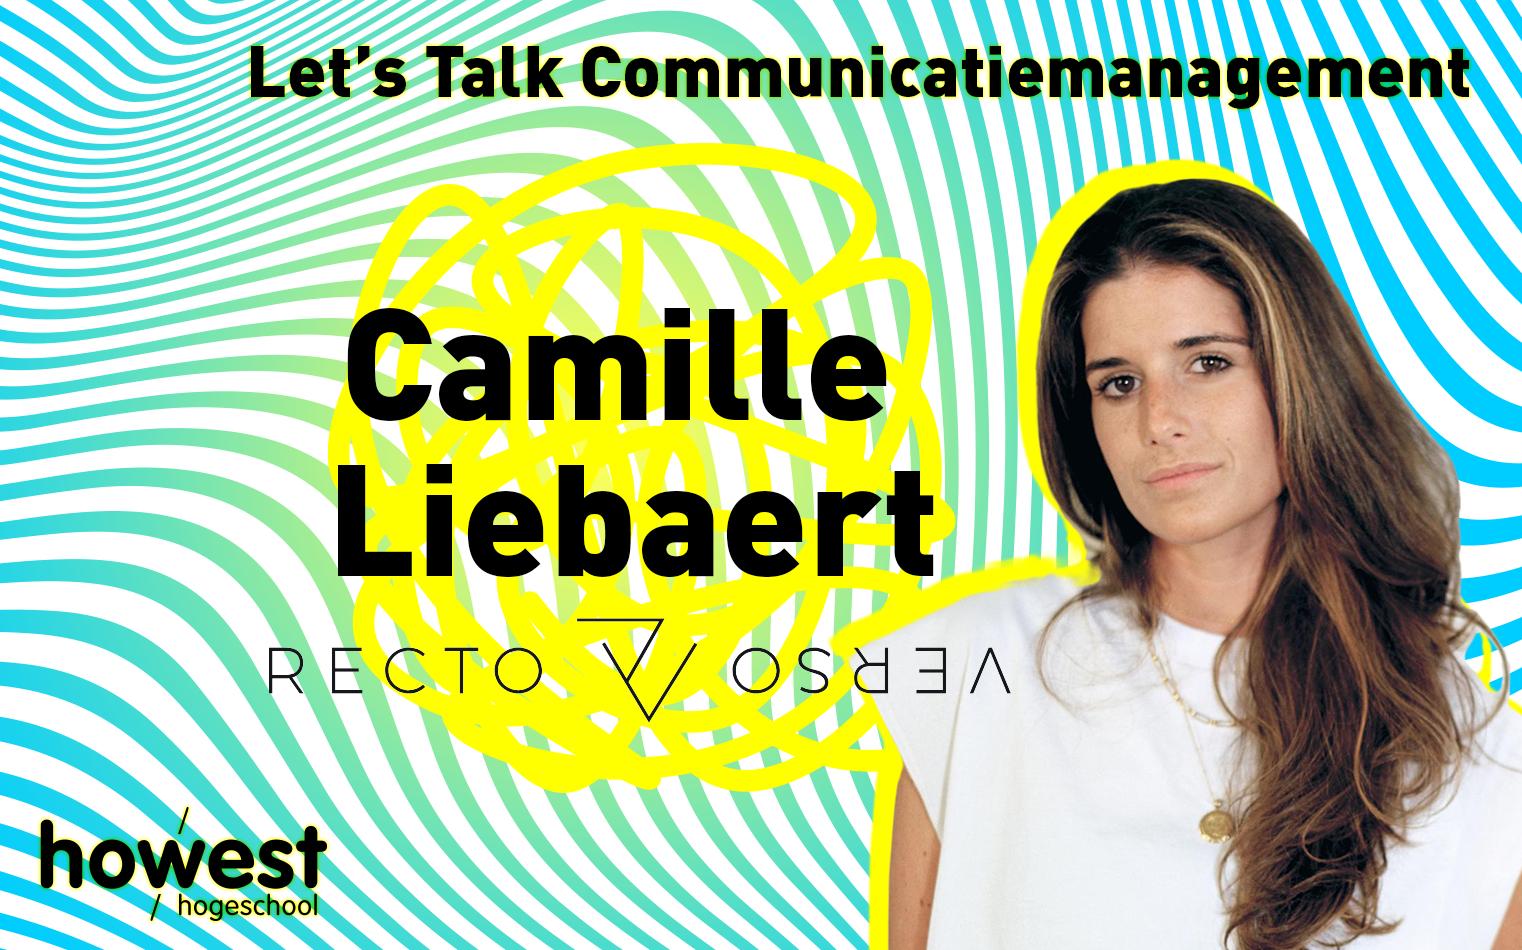 foto van Camille Liebaert voor Let's Talk Communicatiemanagement